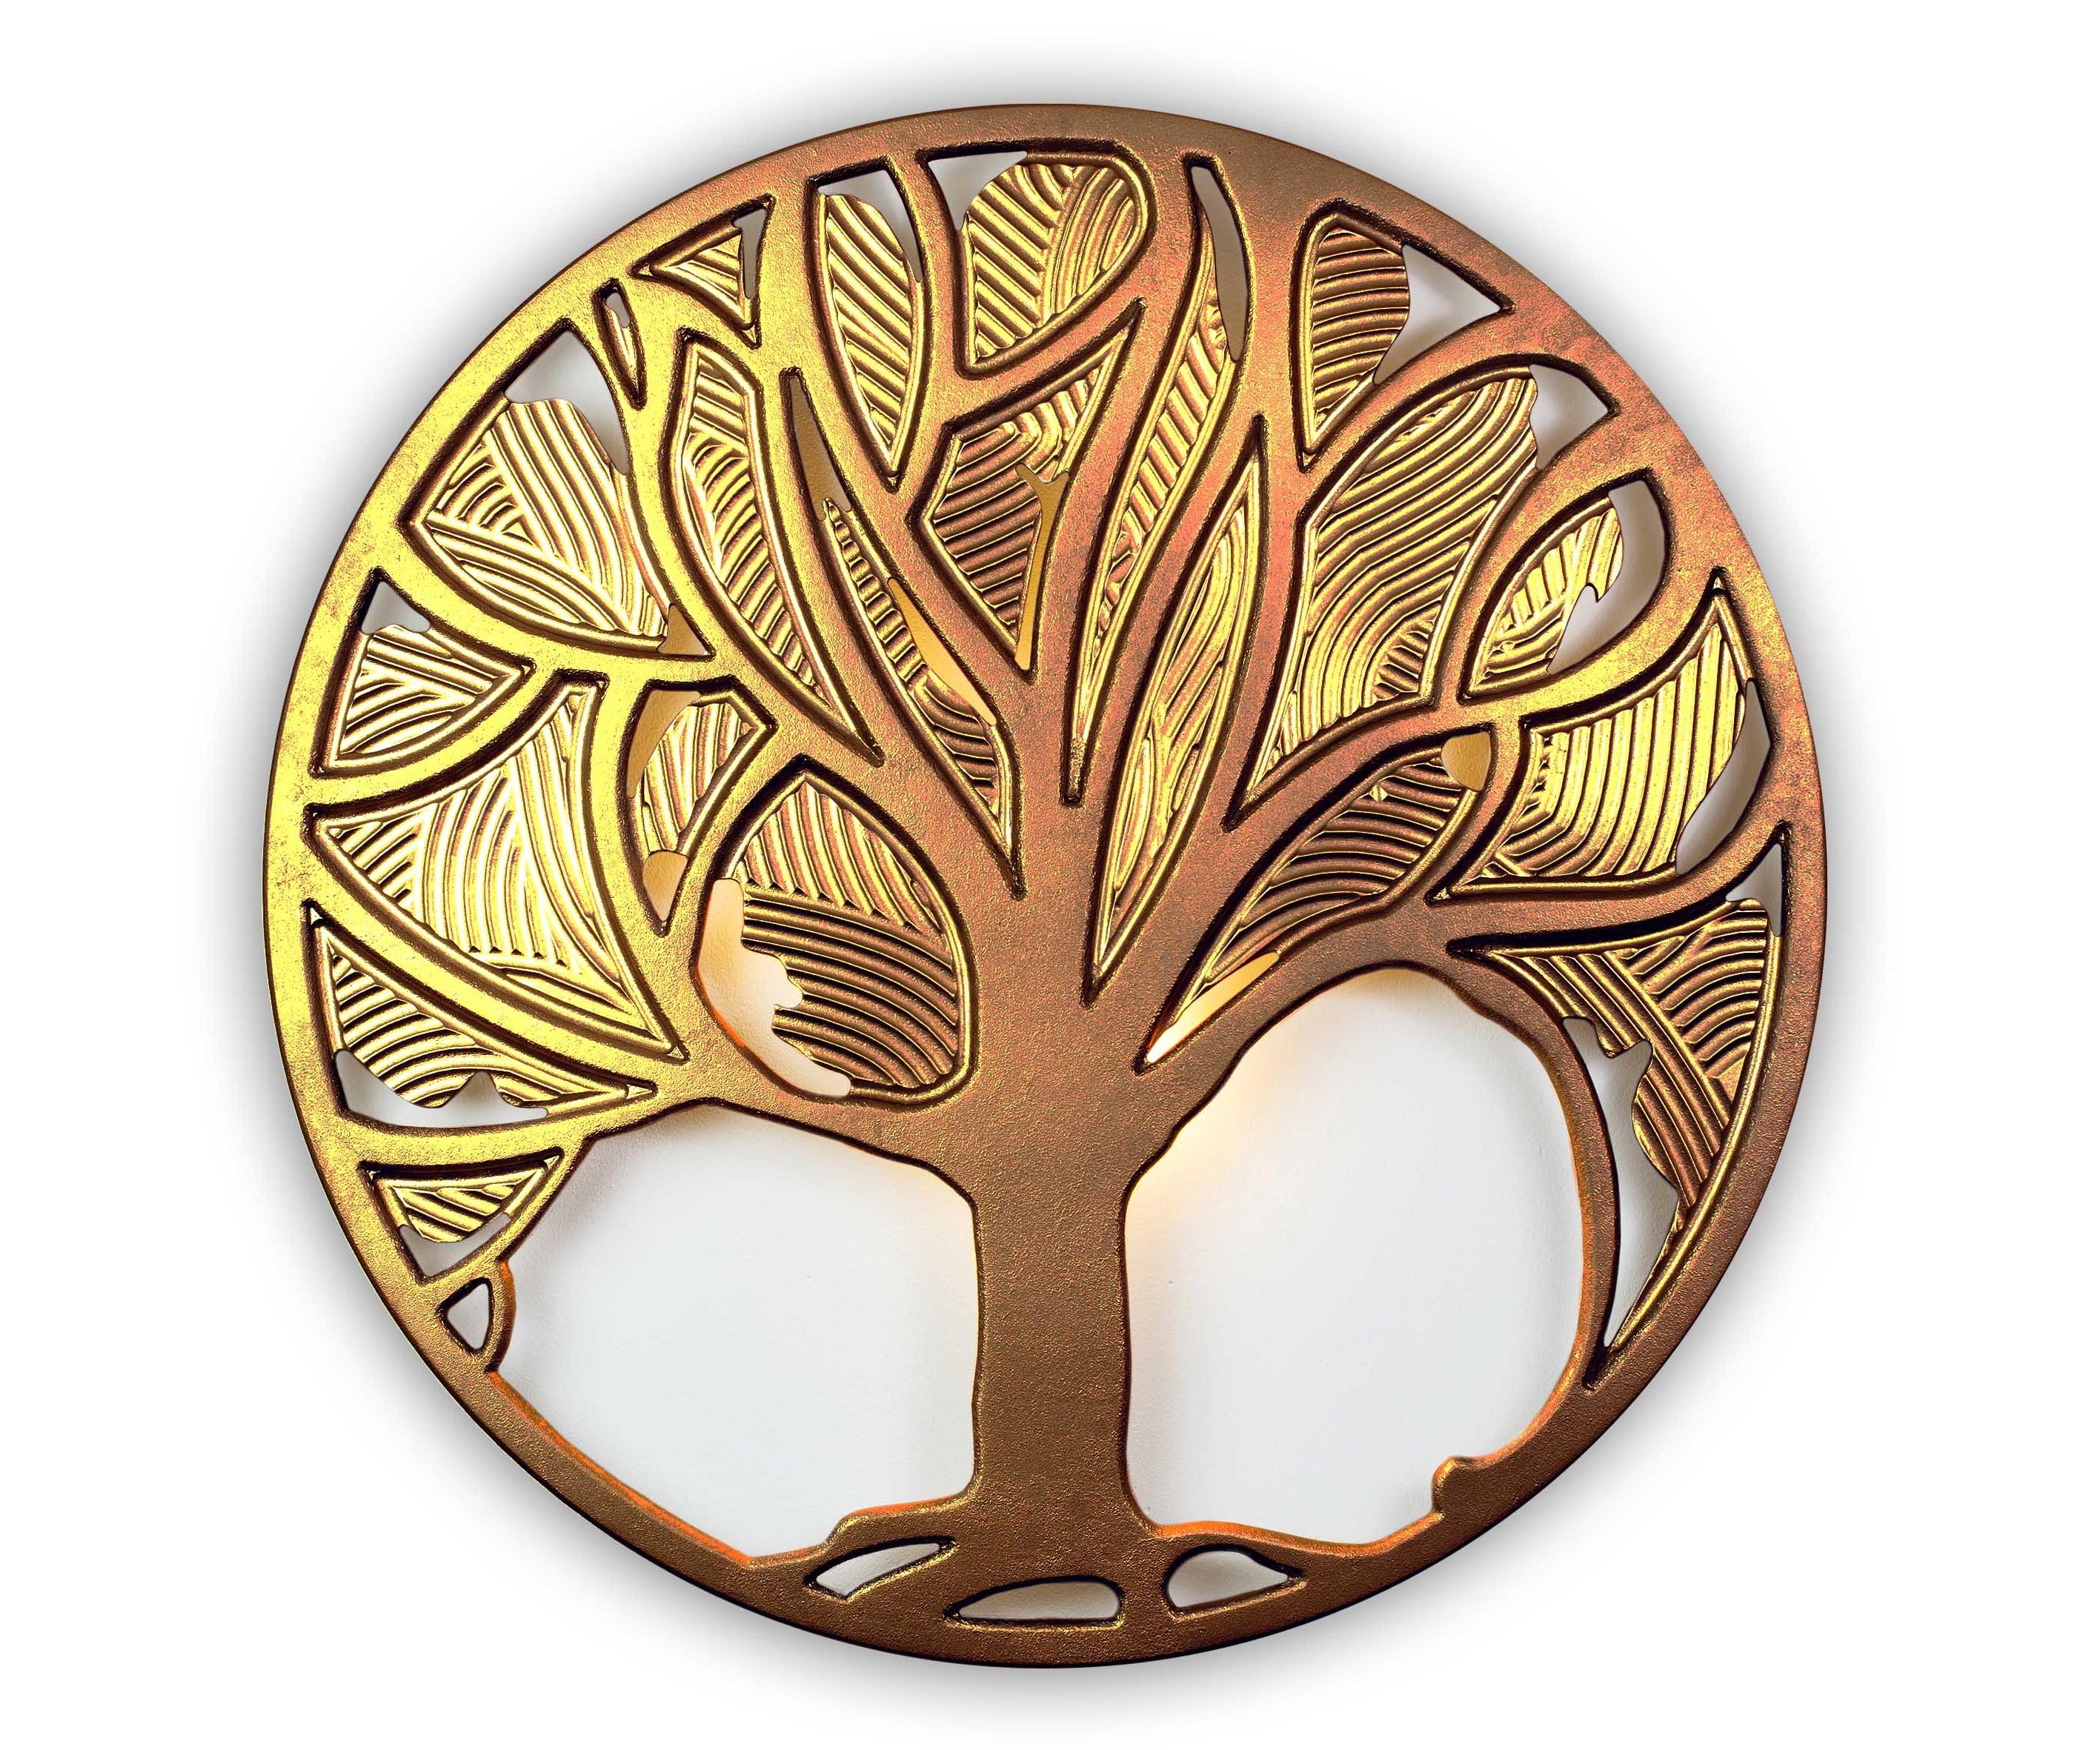 Панно FELICITYПанно<br>Могучие корни, крепкий ствол и щедрая на плоды крона – таким мы видим Древо жизни, Древо рода. <br>Добрый и одухотворяющий символ многих культур нашел воплощение в панно Felicity, чтобы каждый день напоминать нам о вечных ценностях.&amp;amp;nbsp;&amp;lt;div&amp;gt;&amp;lt;br&amp;gt;&amp;lt;/div&amp;gt;&amp;lt;div&amp;gt;&amp;lt;p class=&amp;quot;MsoNormal&amp;quot;&amp;gt;Товарное предложение оснащено светодиодной подсветкой.&amp;lt;o:p&amp;gt;&amp;lt;/o:p&amp;gt;&amp;lt;/p&amp;gt;&amp;lt;/div&amp;gt;<br><br>Material: Дерево<br>Depth см: 0,8<br>Diameter см: 90